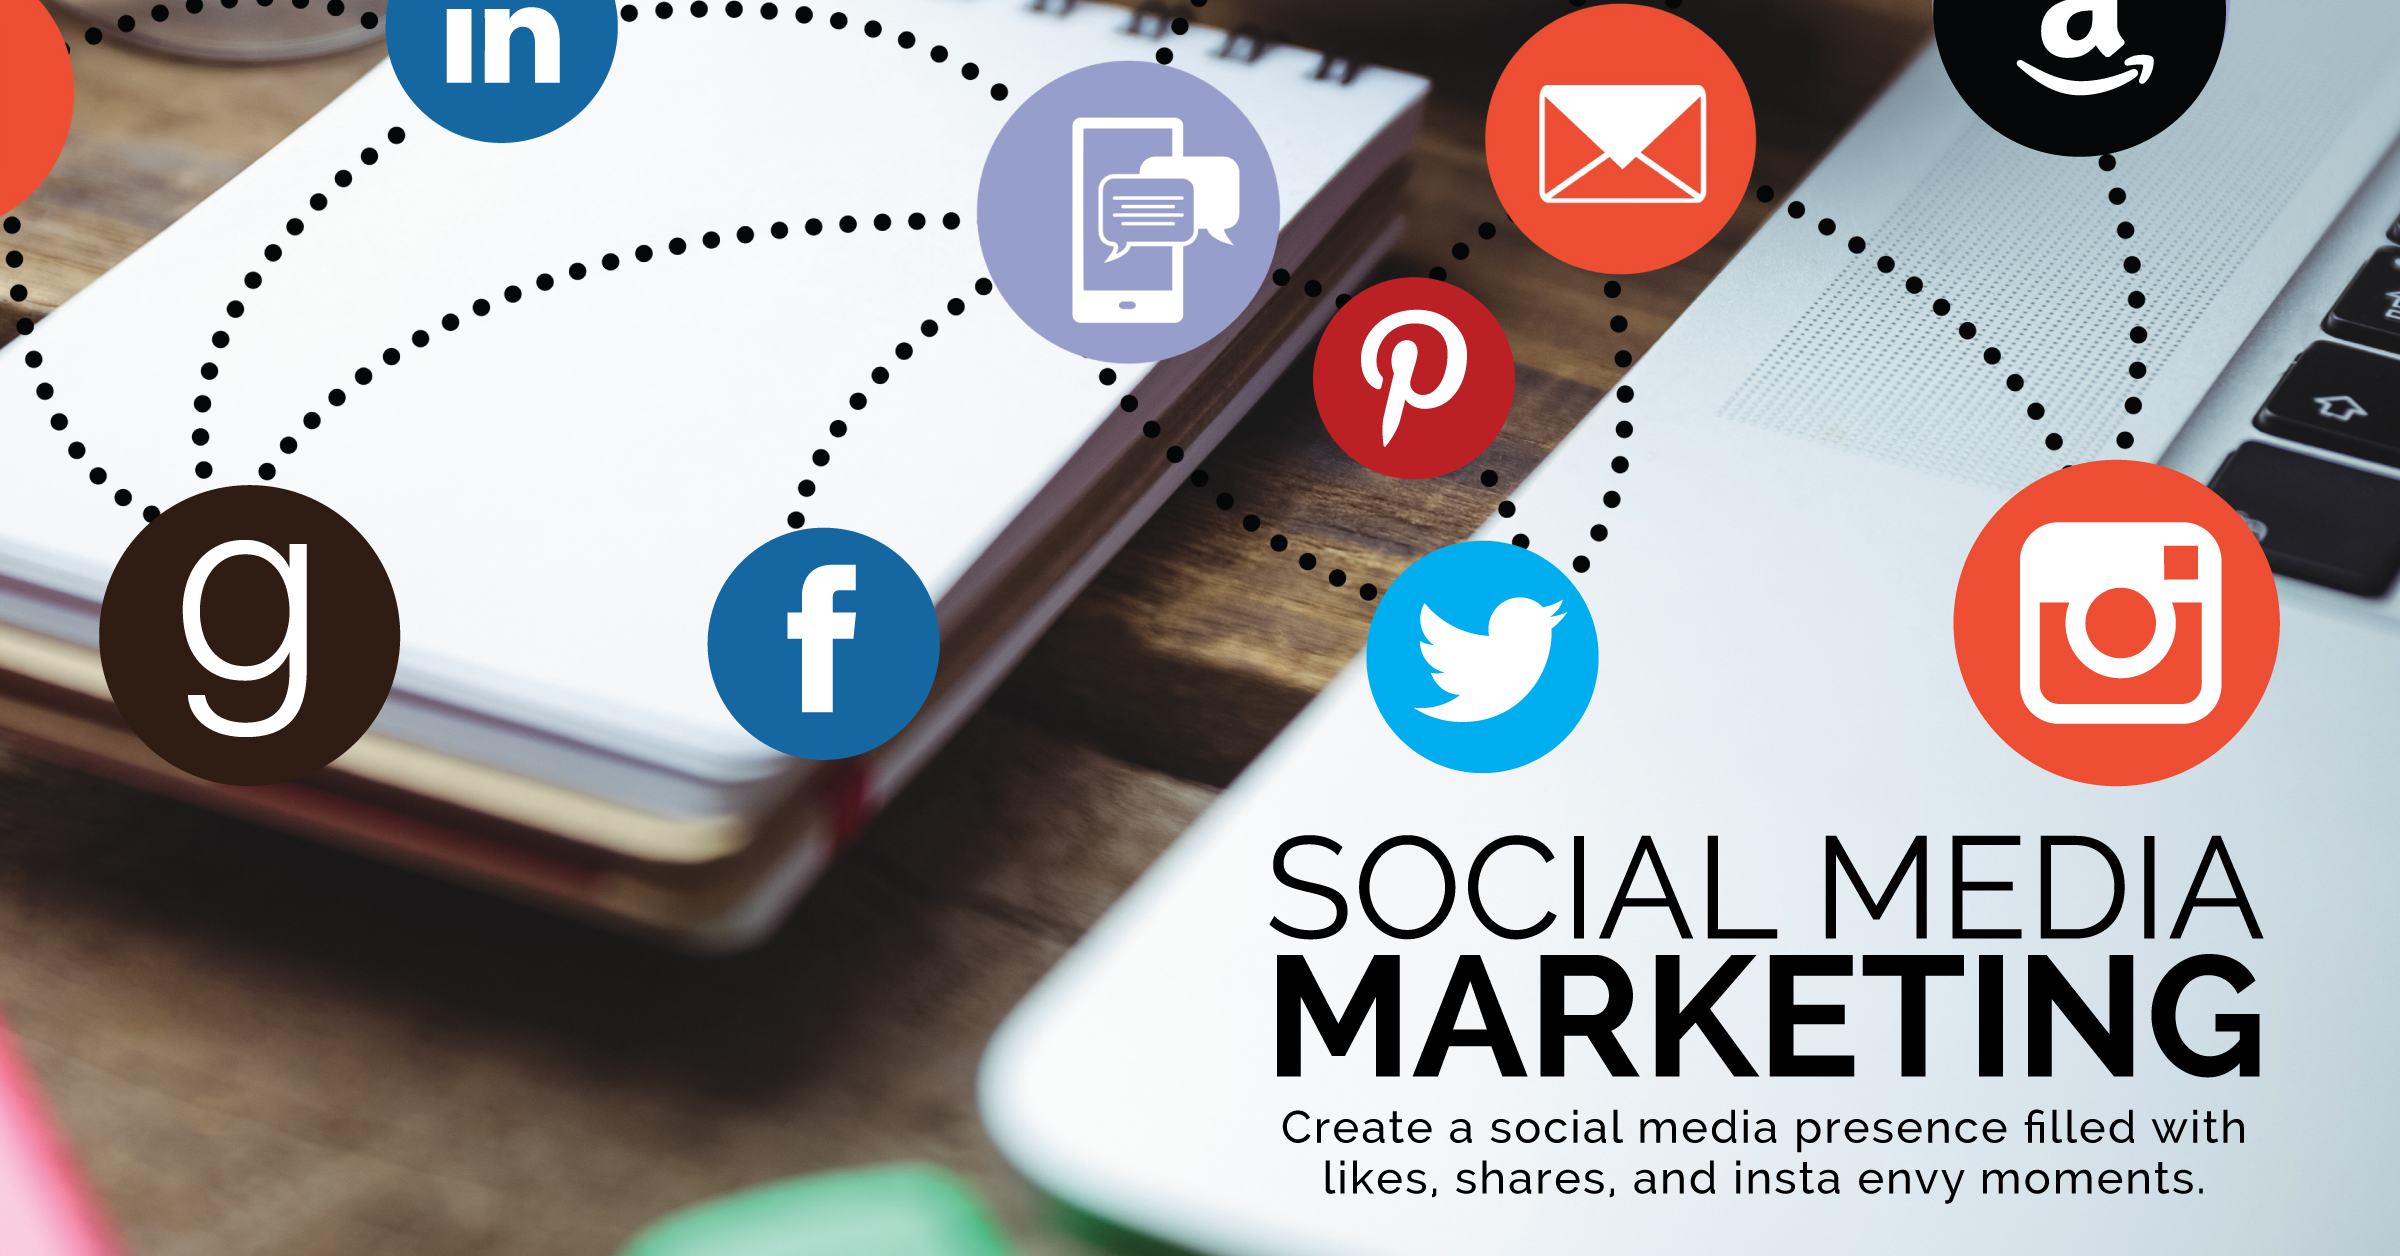 socialmedia-marketing_3.jpg